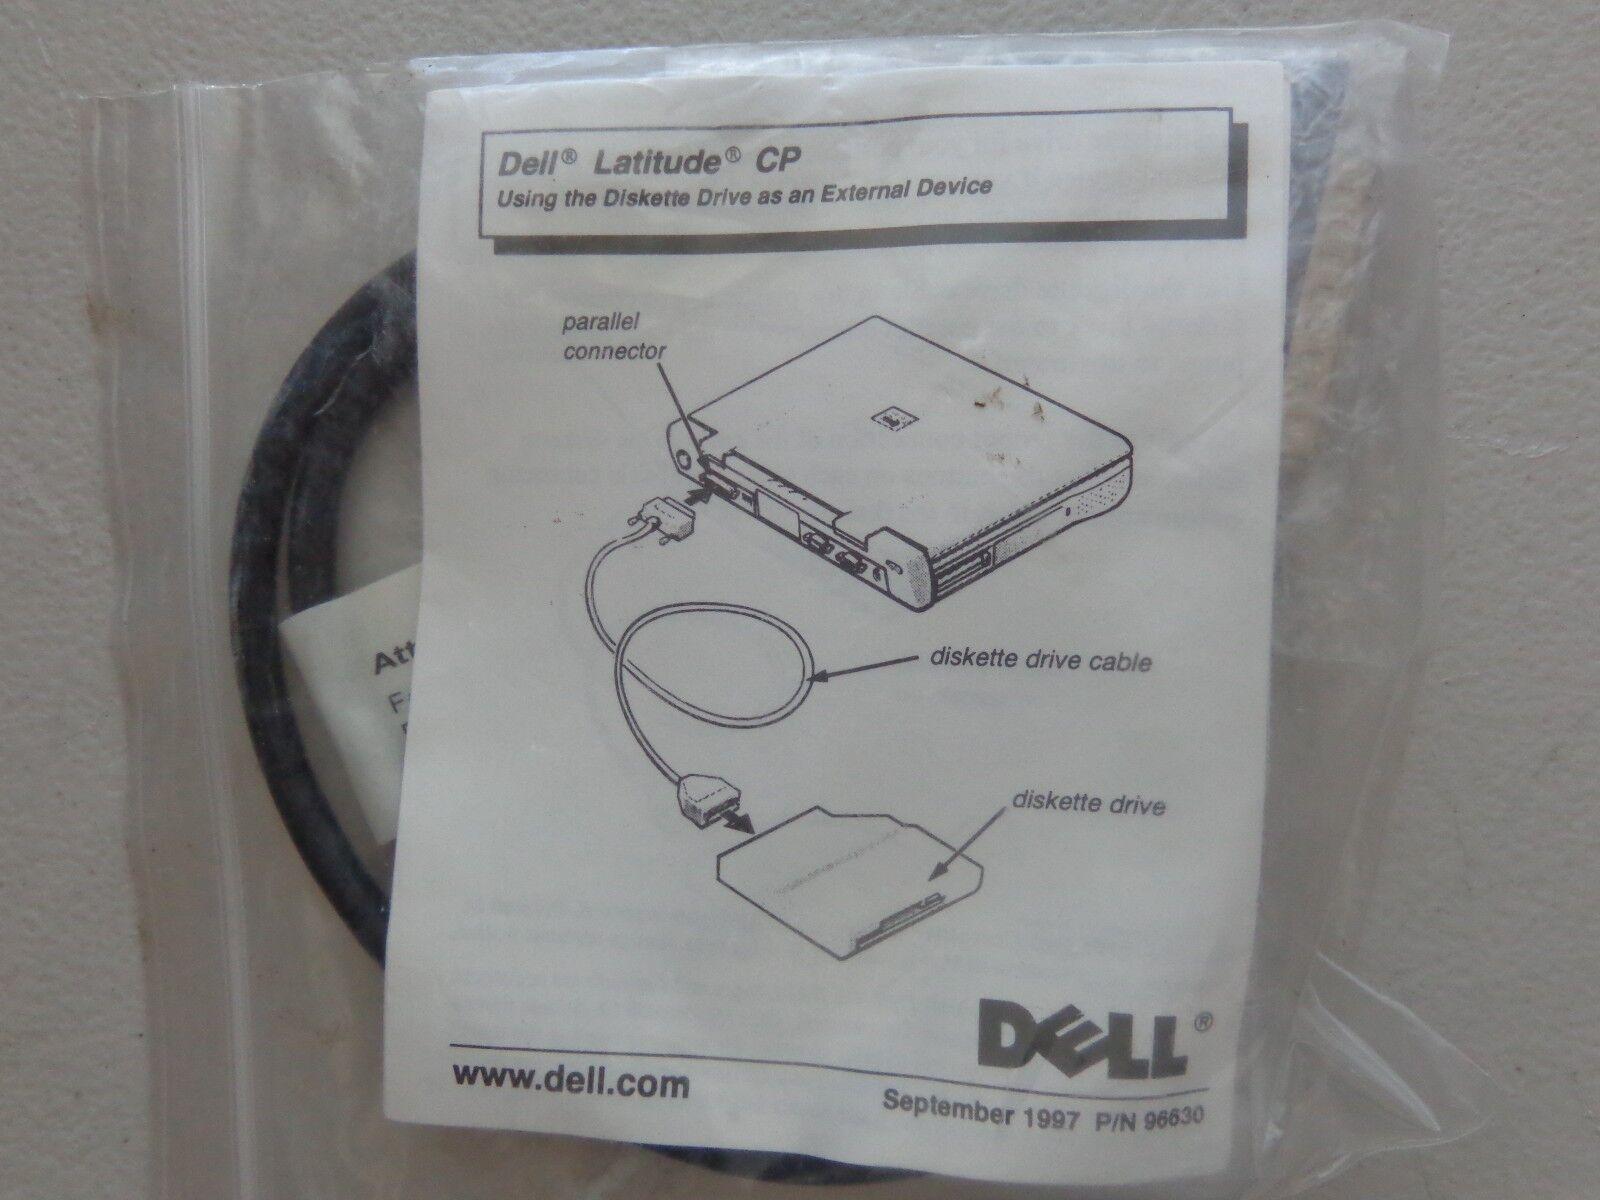 как выглядит Дисковод для гибкого магнитного диска (дискеты) Dell Latitude 045647 FDD Cable фото